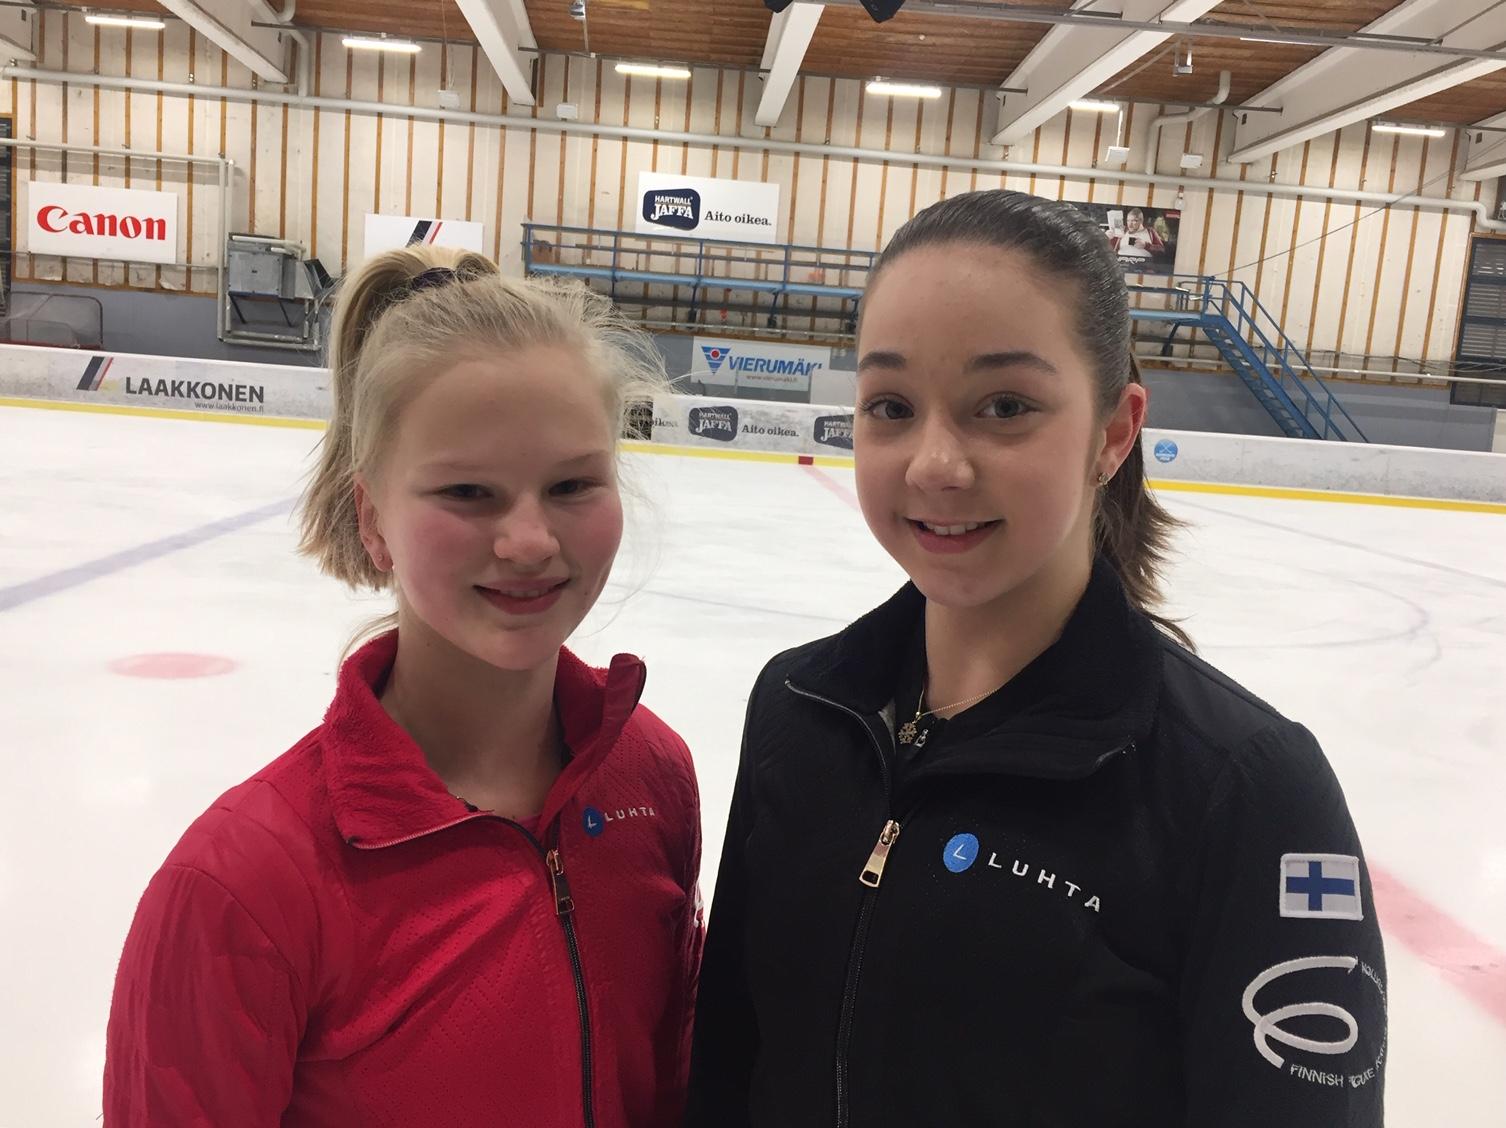 Nuorten maajoukkueeseen kuuluva Janni Riekkinen (vas.) ja Selma Välitalo harjoittelivat yhdessä maajoukkueleirillä Vierumäellä.